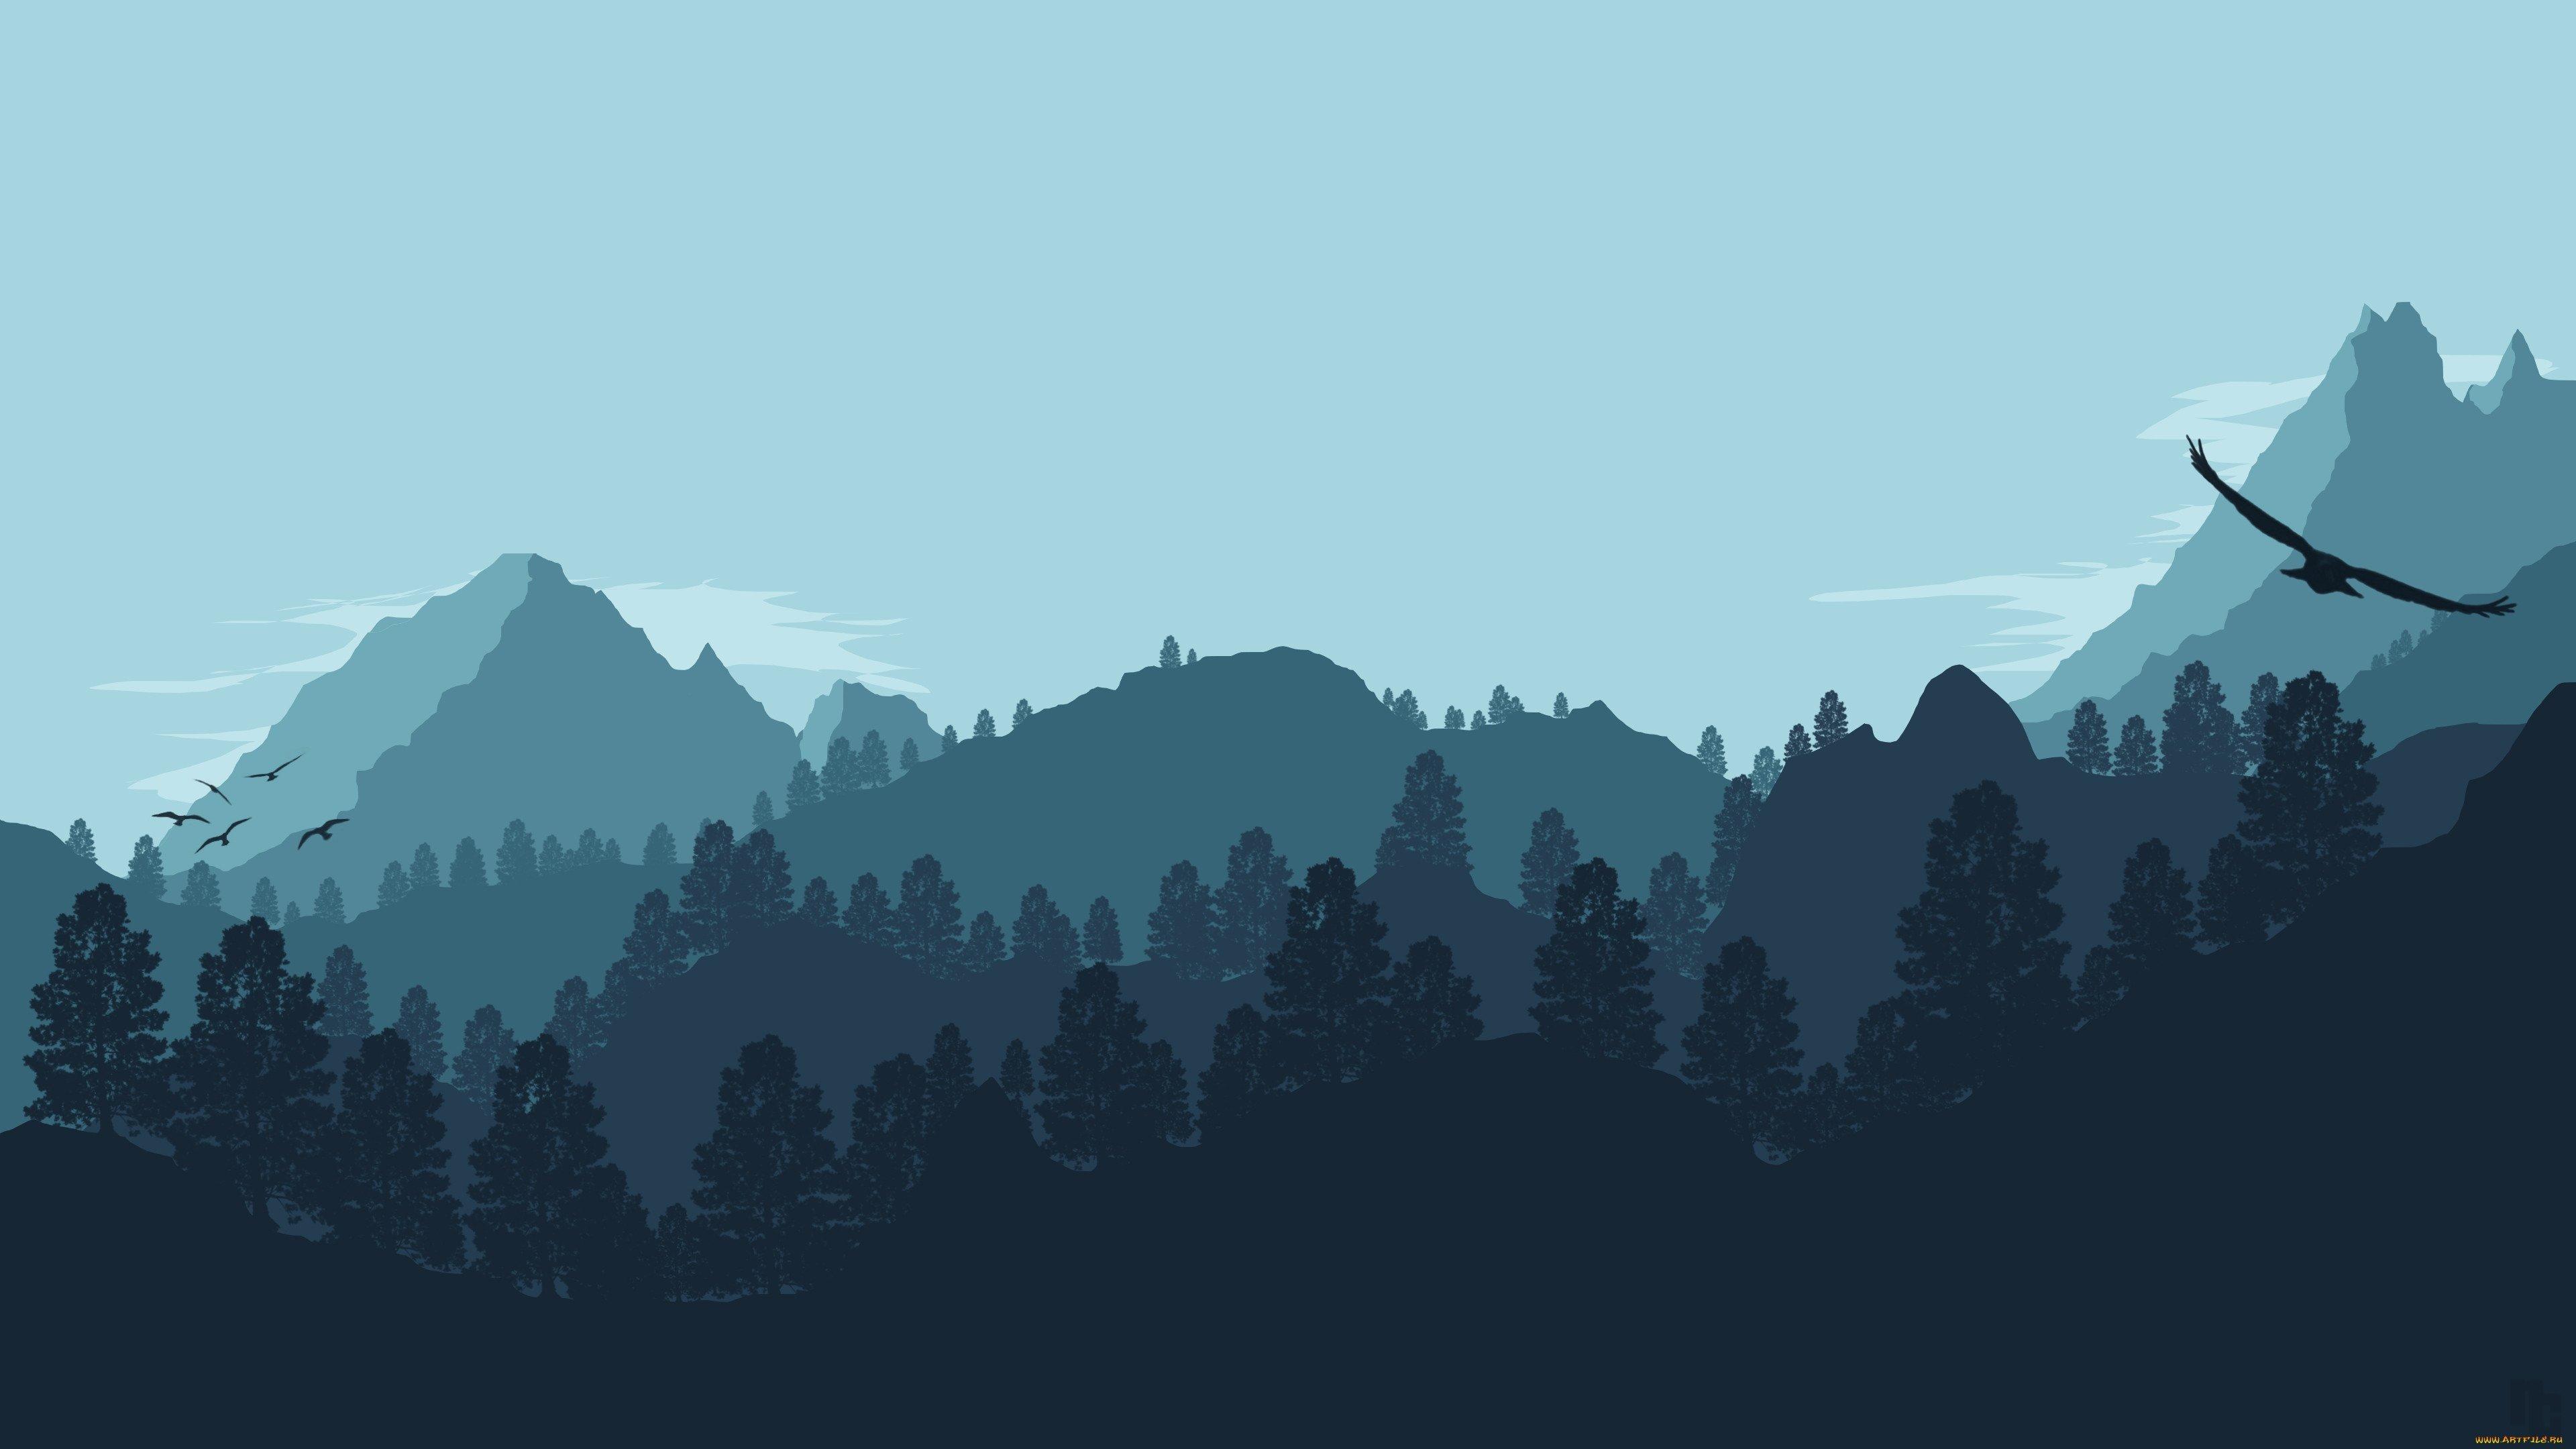 Minimalist 4k Wallpaper HD